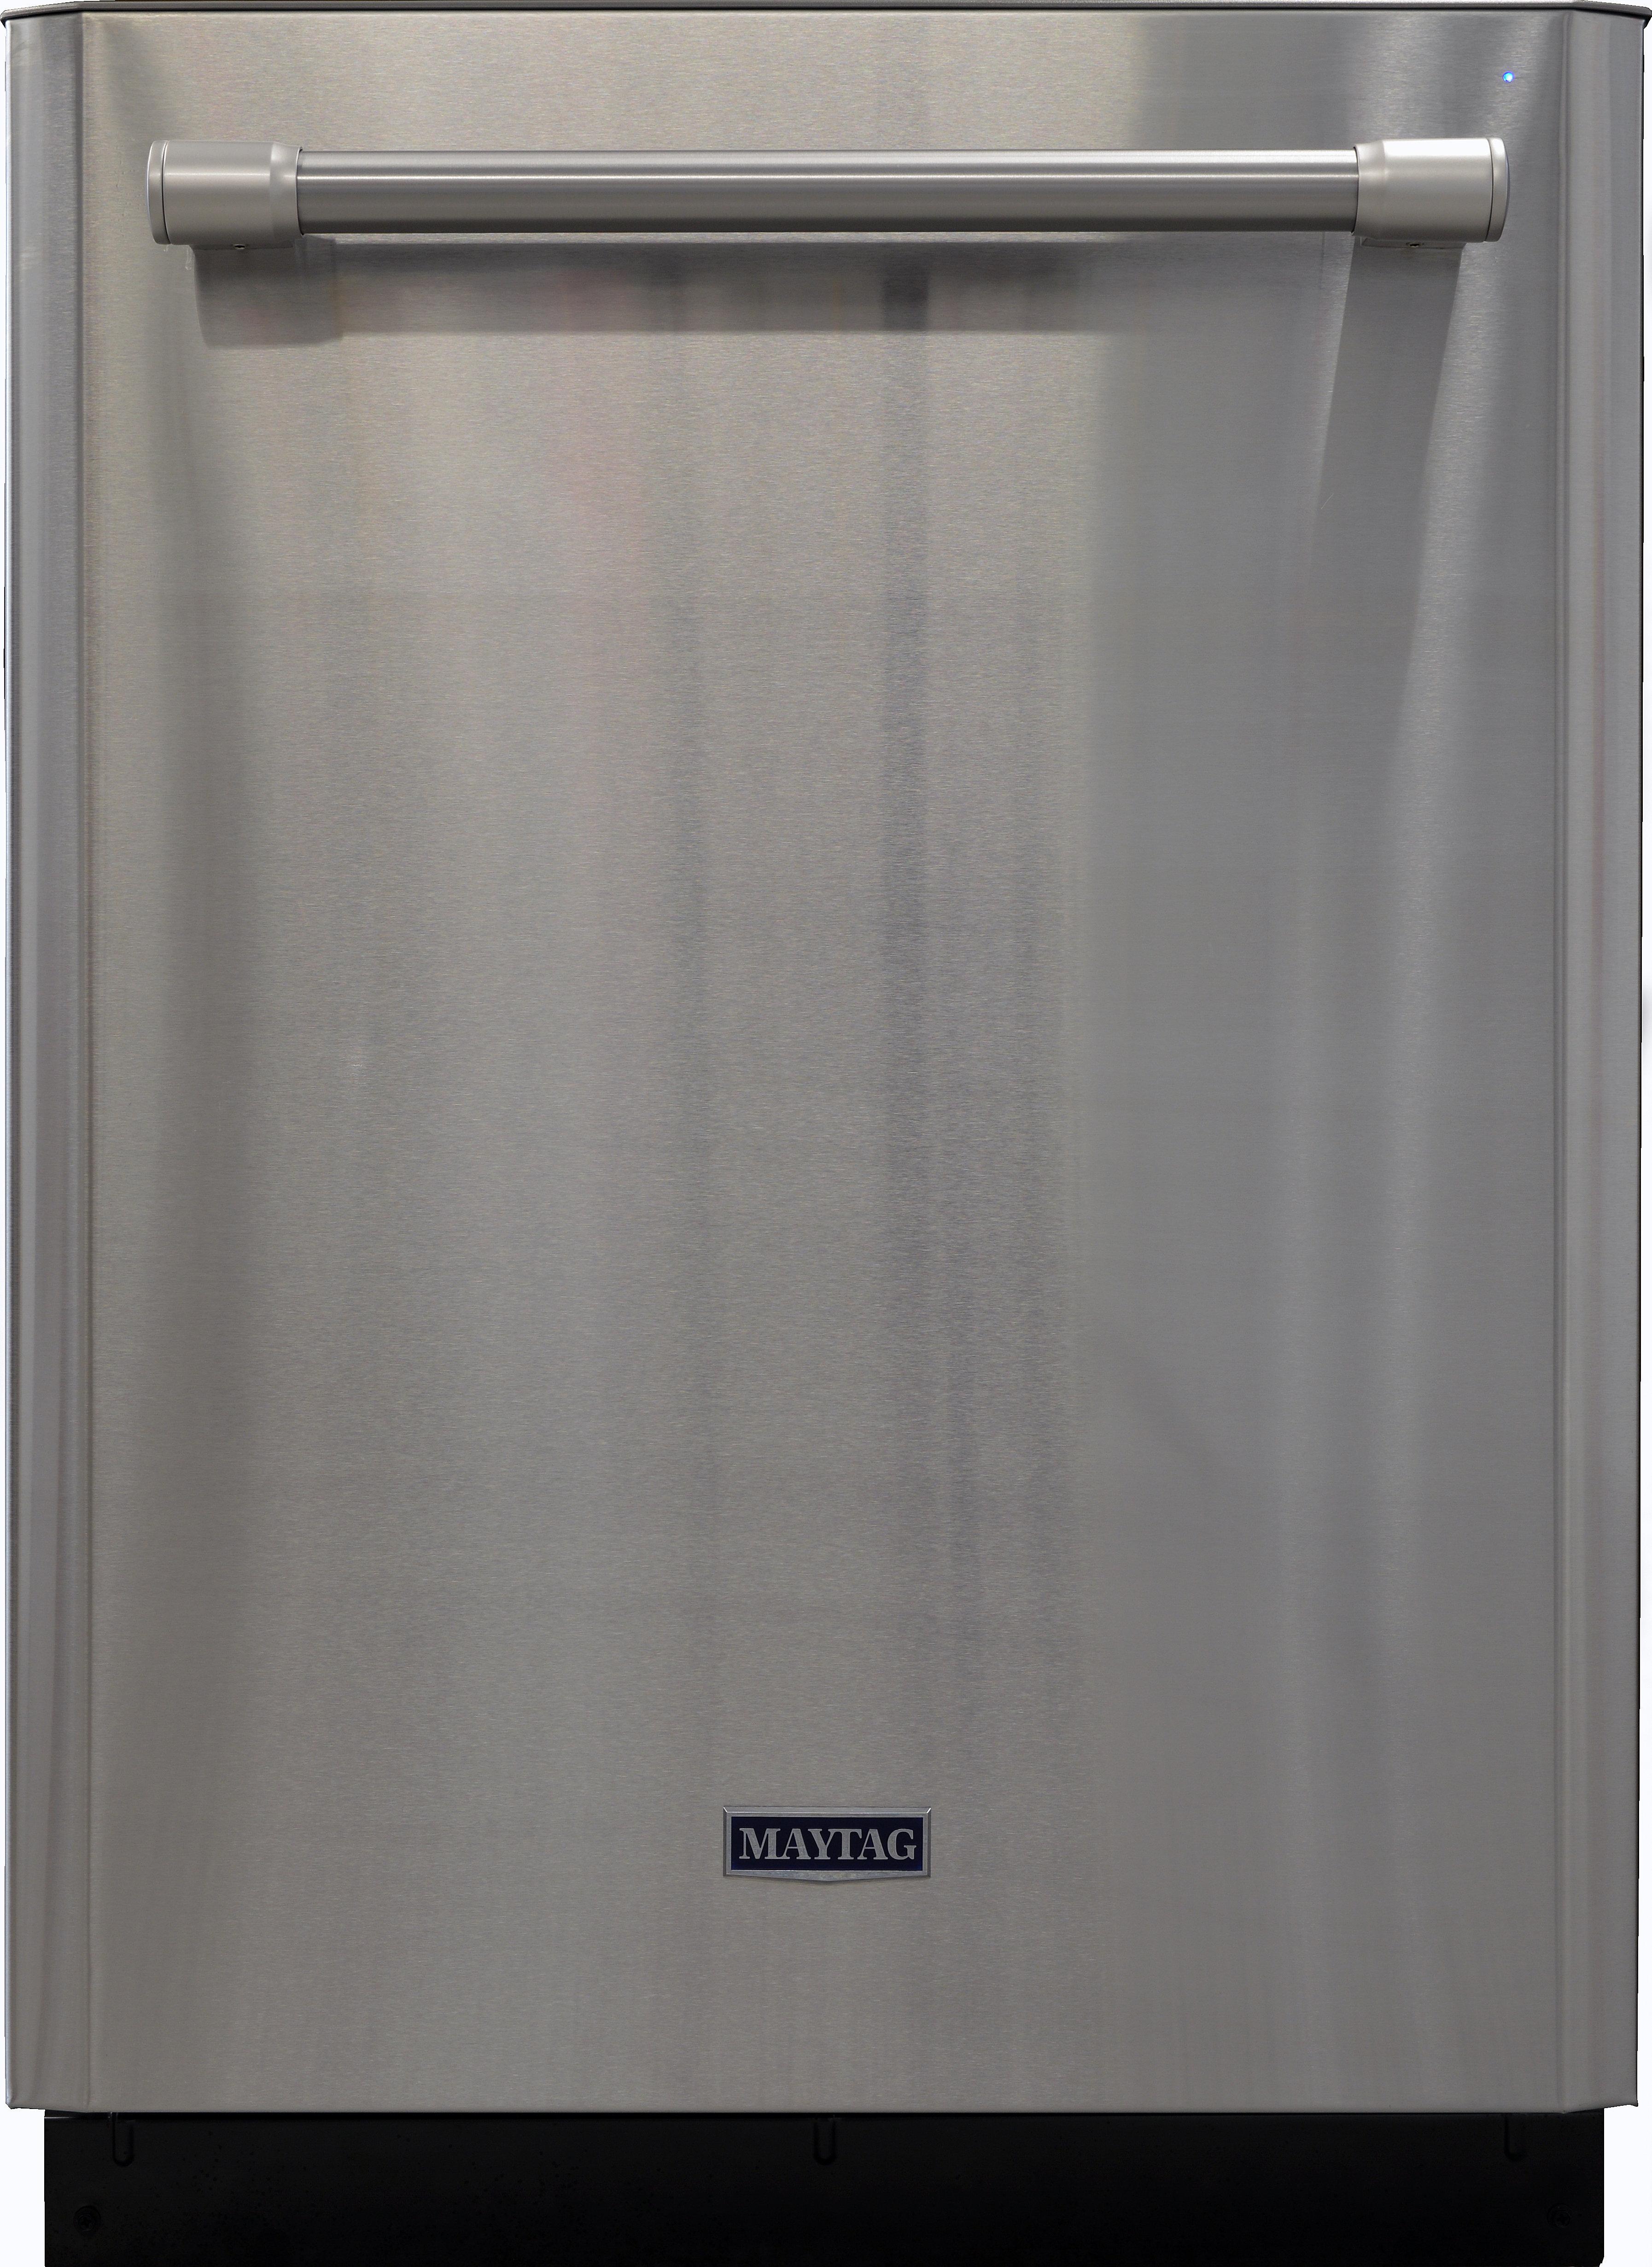 baumatic dishwasher instruction manual